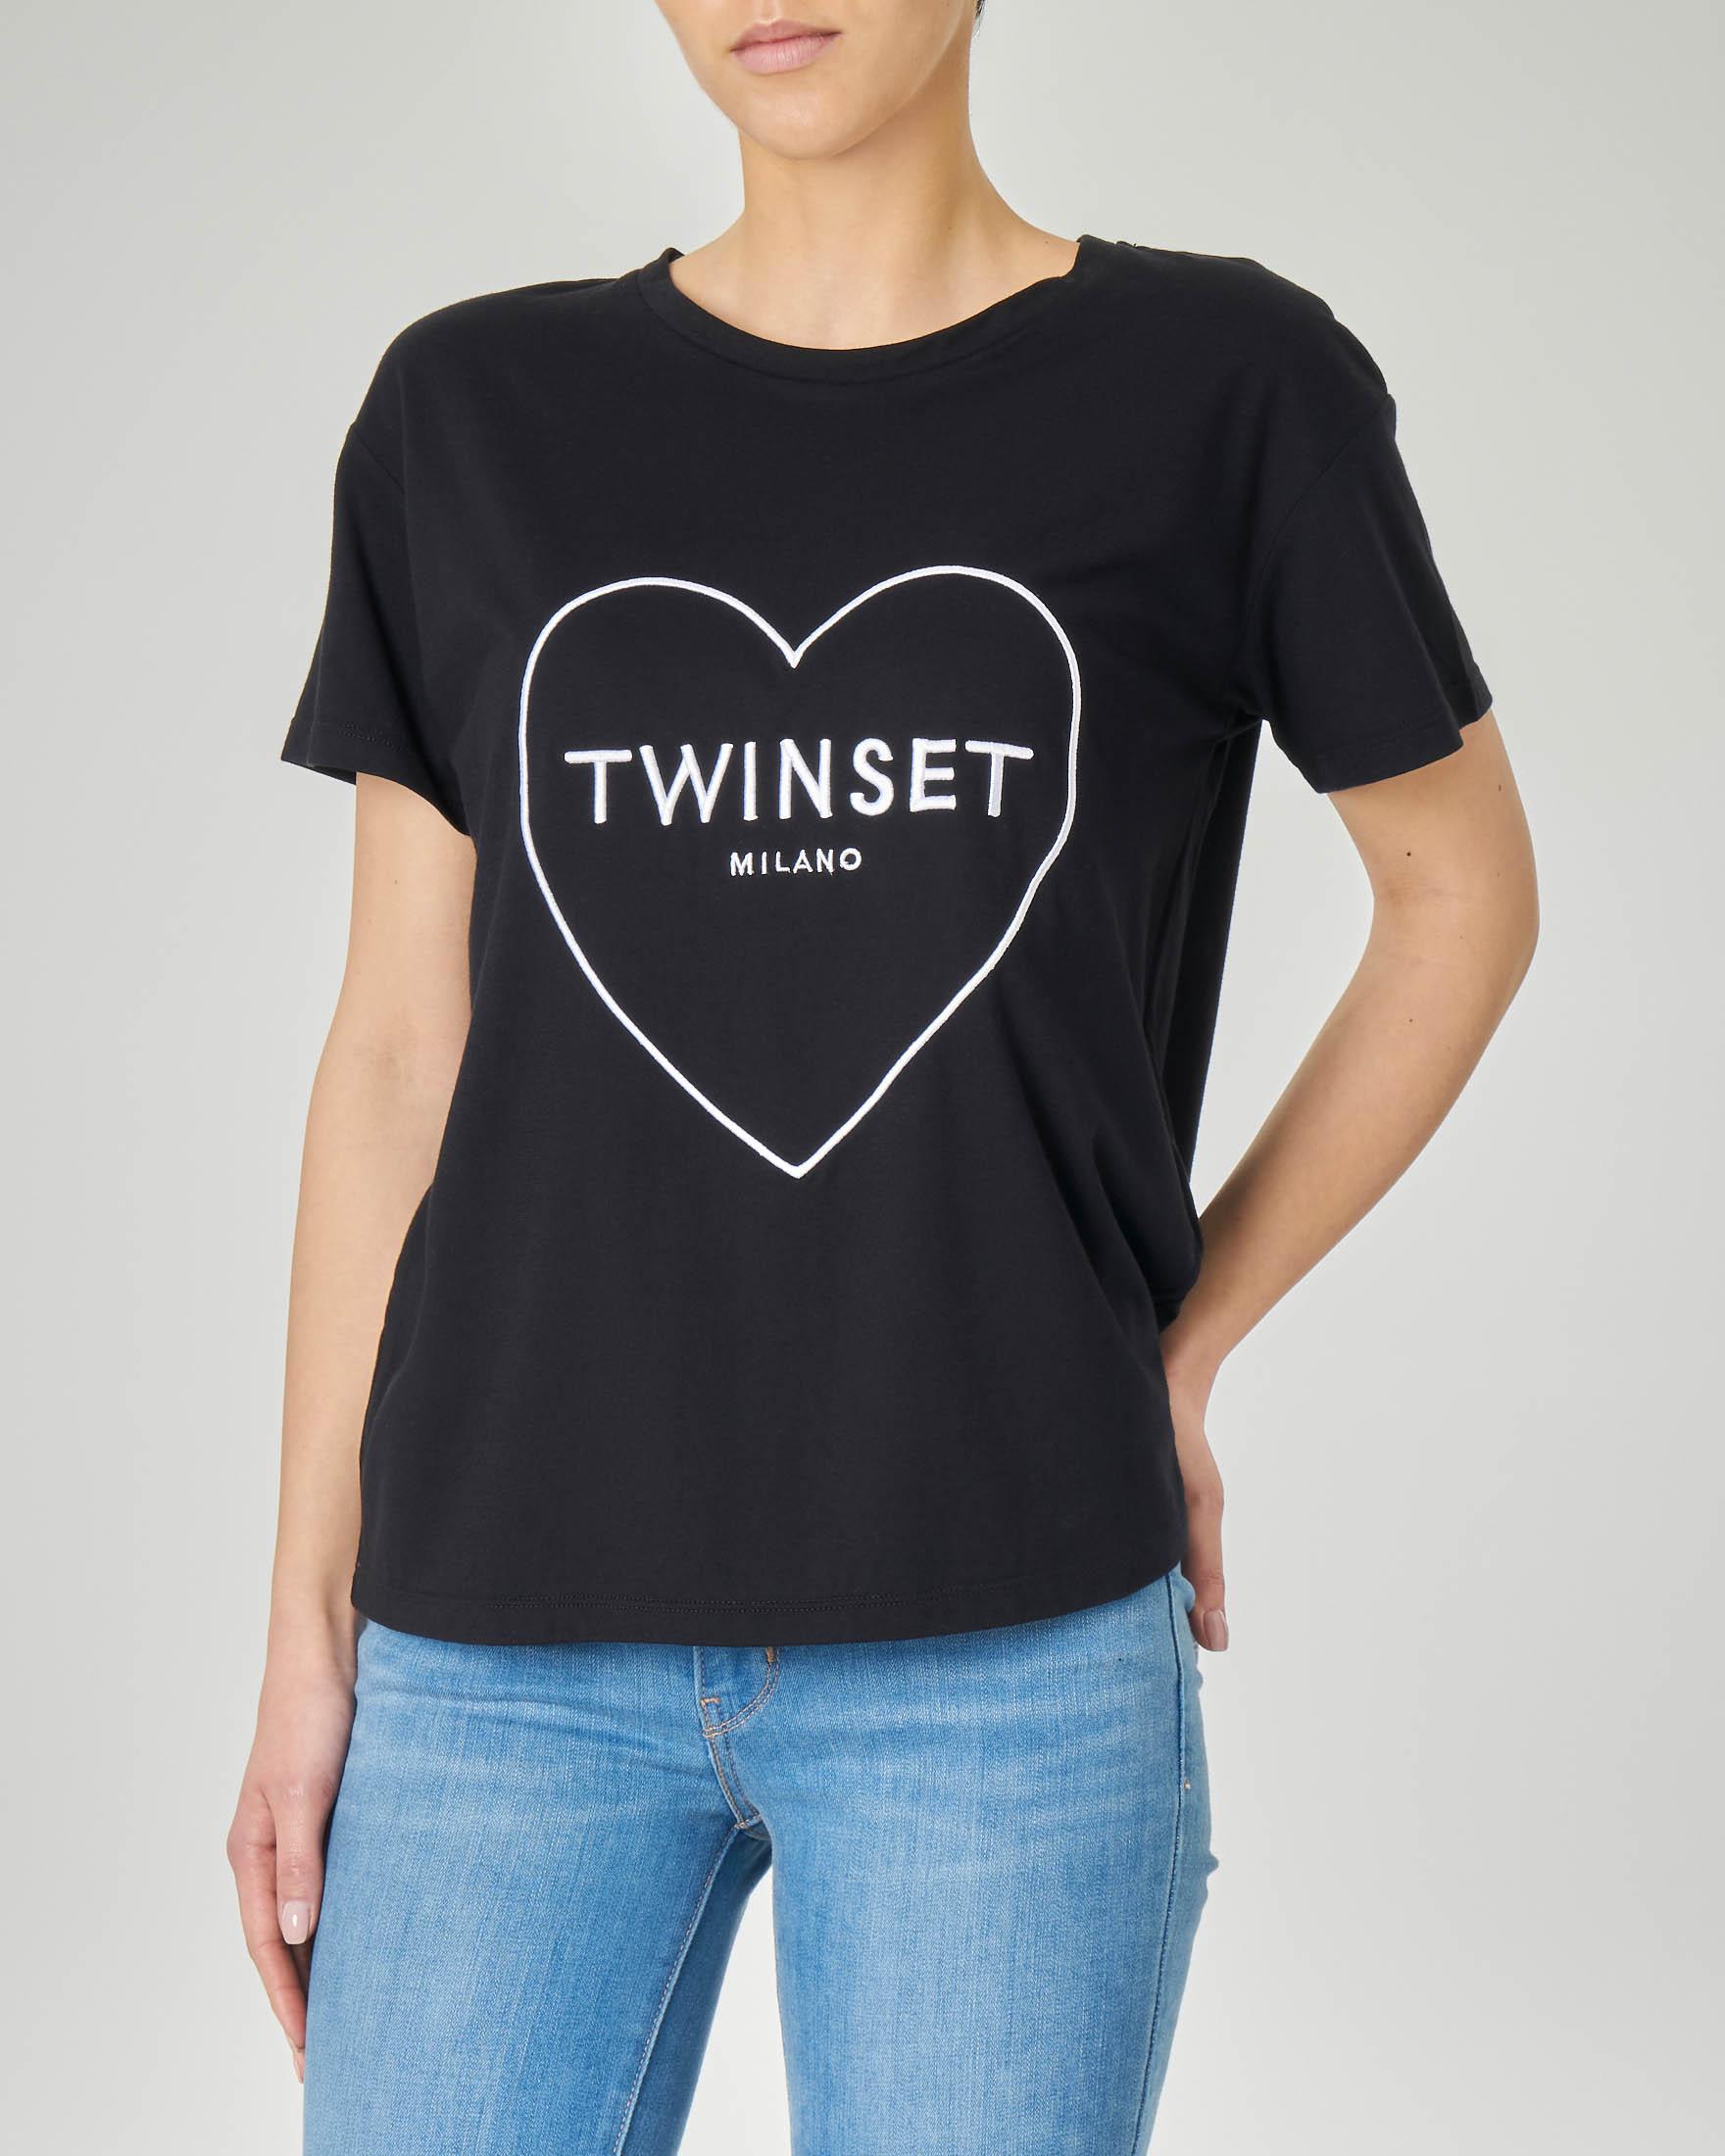 T-shirt nera a maniche corte con ricamo a cuore e logo a contrasto